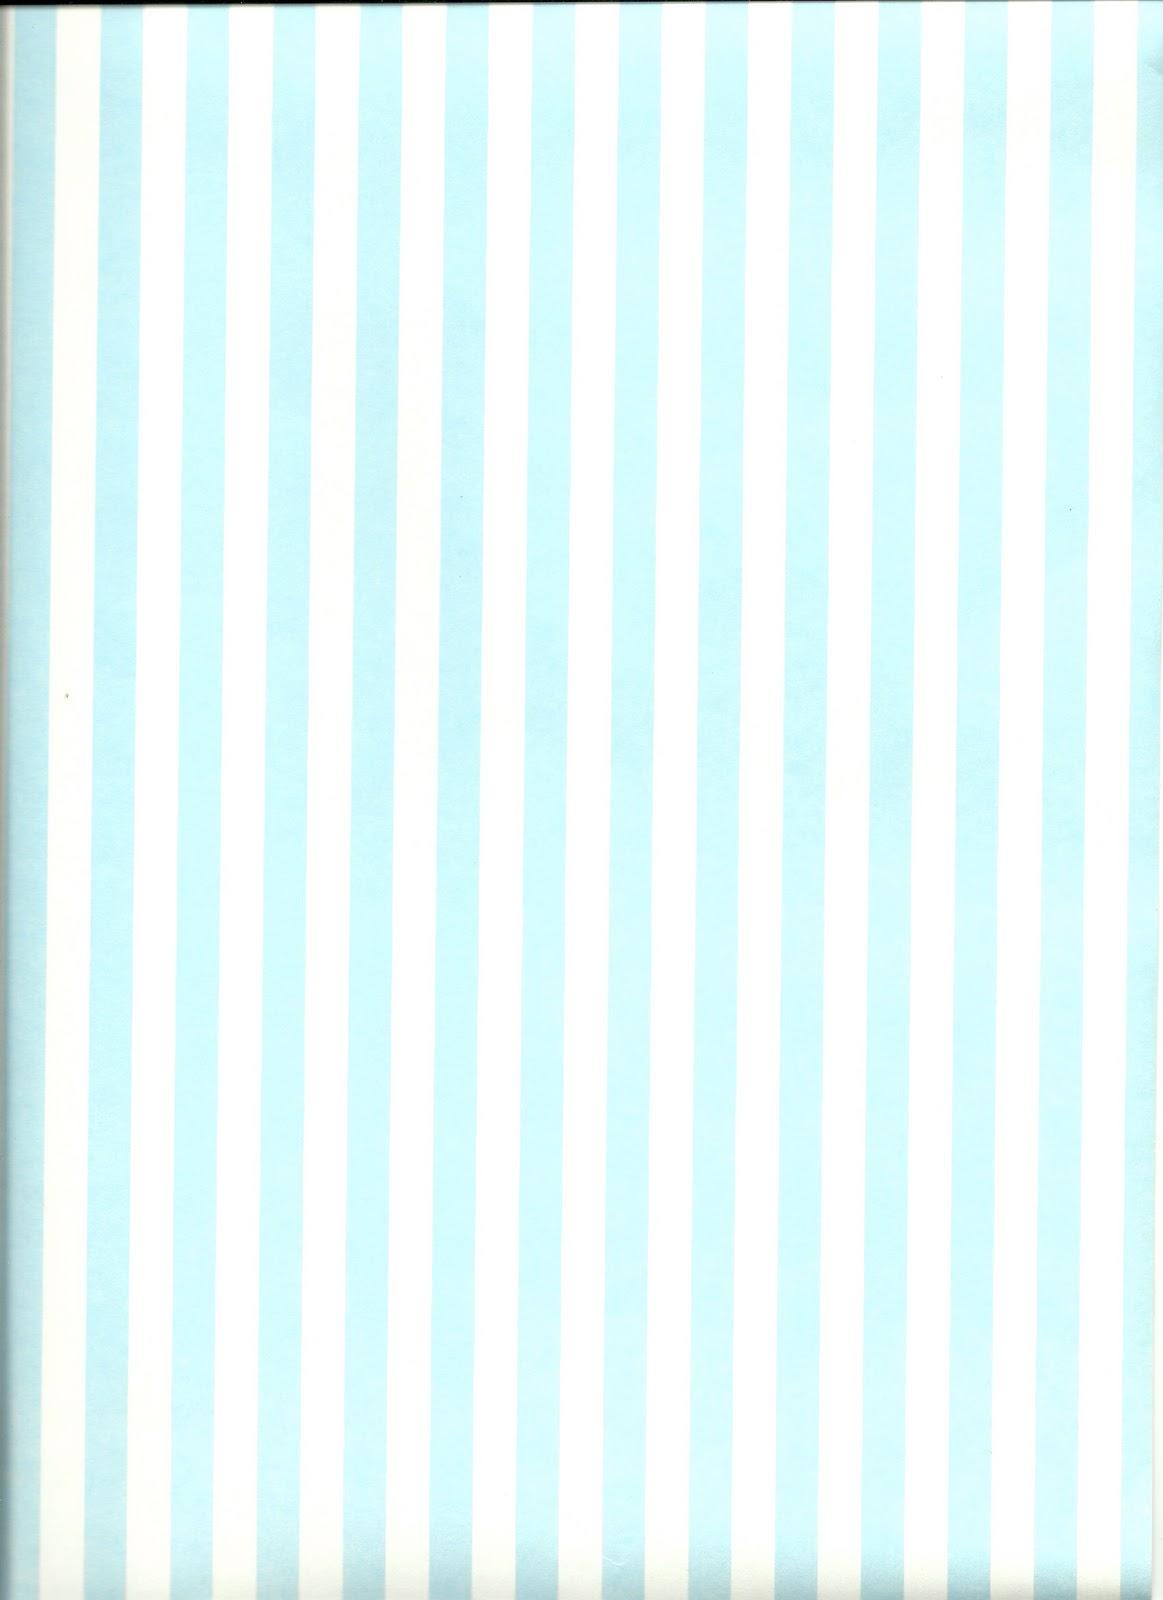 Papeles servilletas y telas de tere papel rayas 02 - Papel de rayas ...